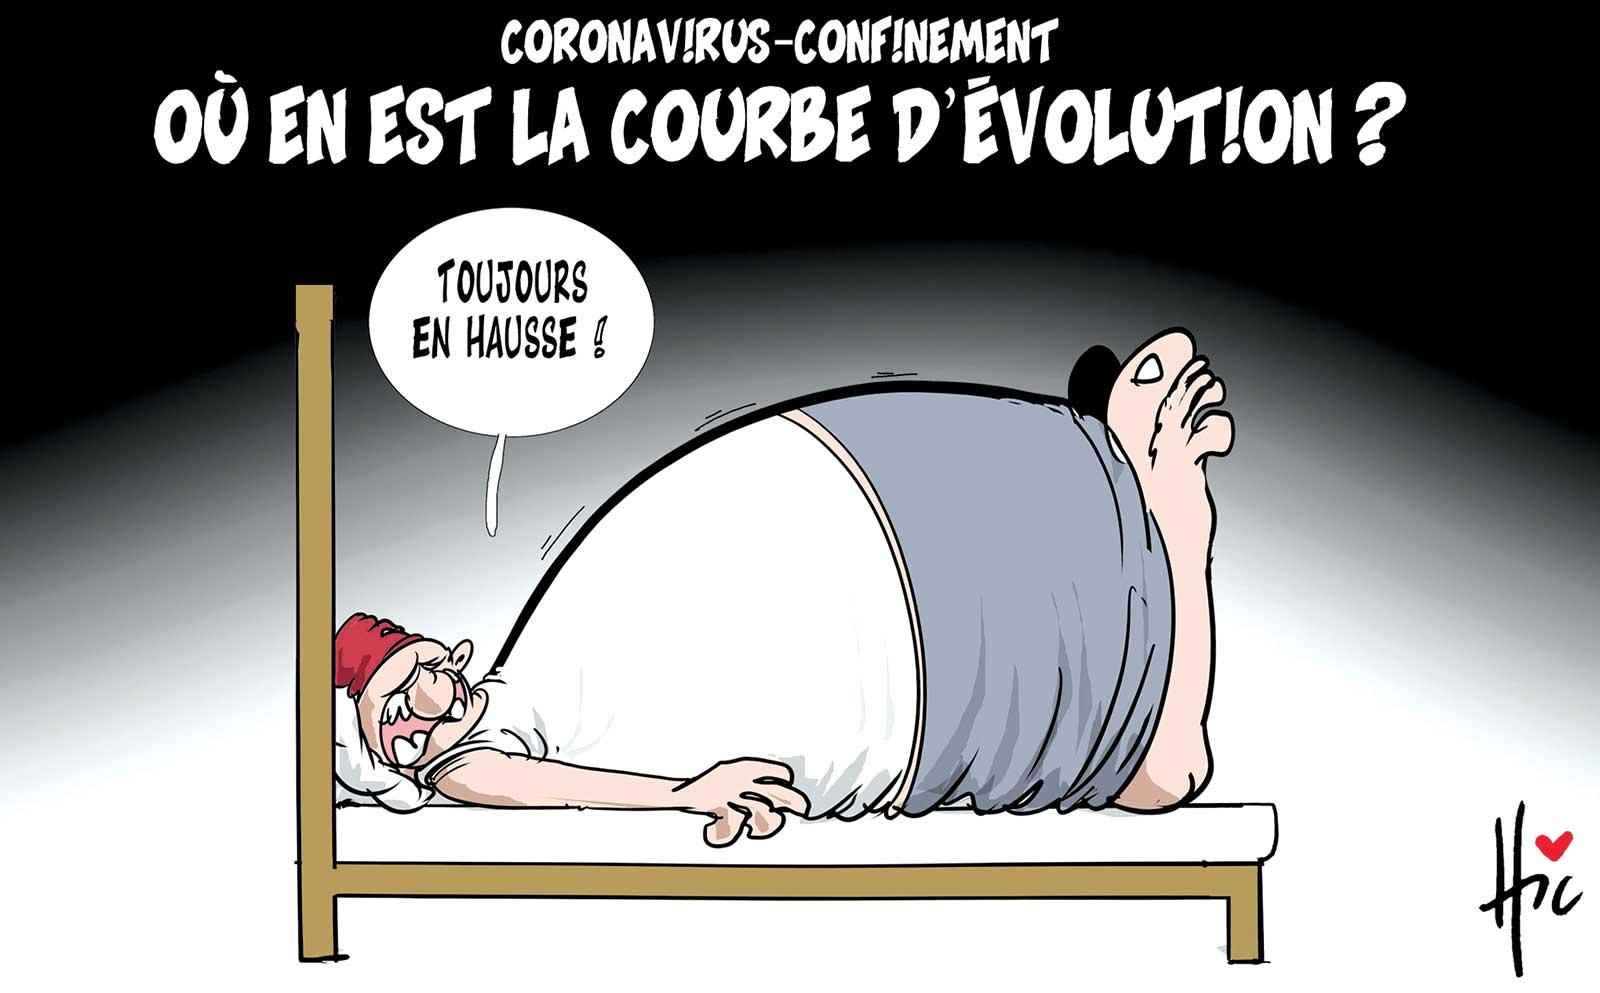 Où en est la courbe d'évolution - Dessins et Caricatures, Le Hic - El Watan - Gagdz.com